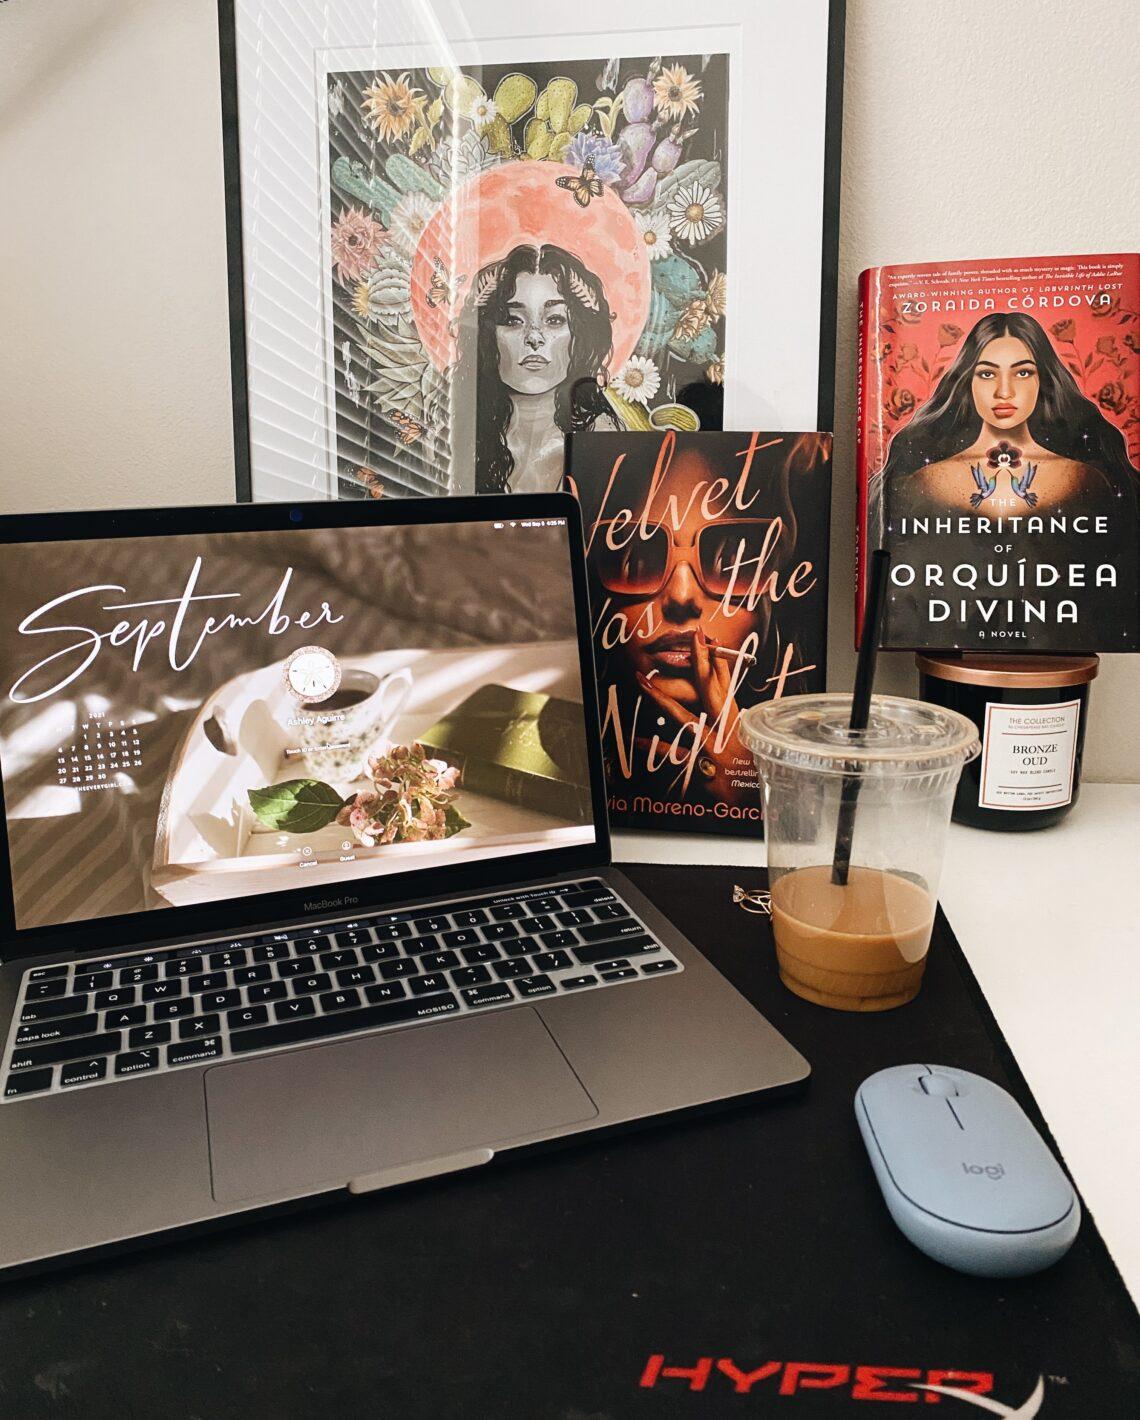 Hispanic Heritage Month reading list, Silvia Moreno garcia, Alexia Daria